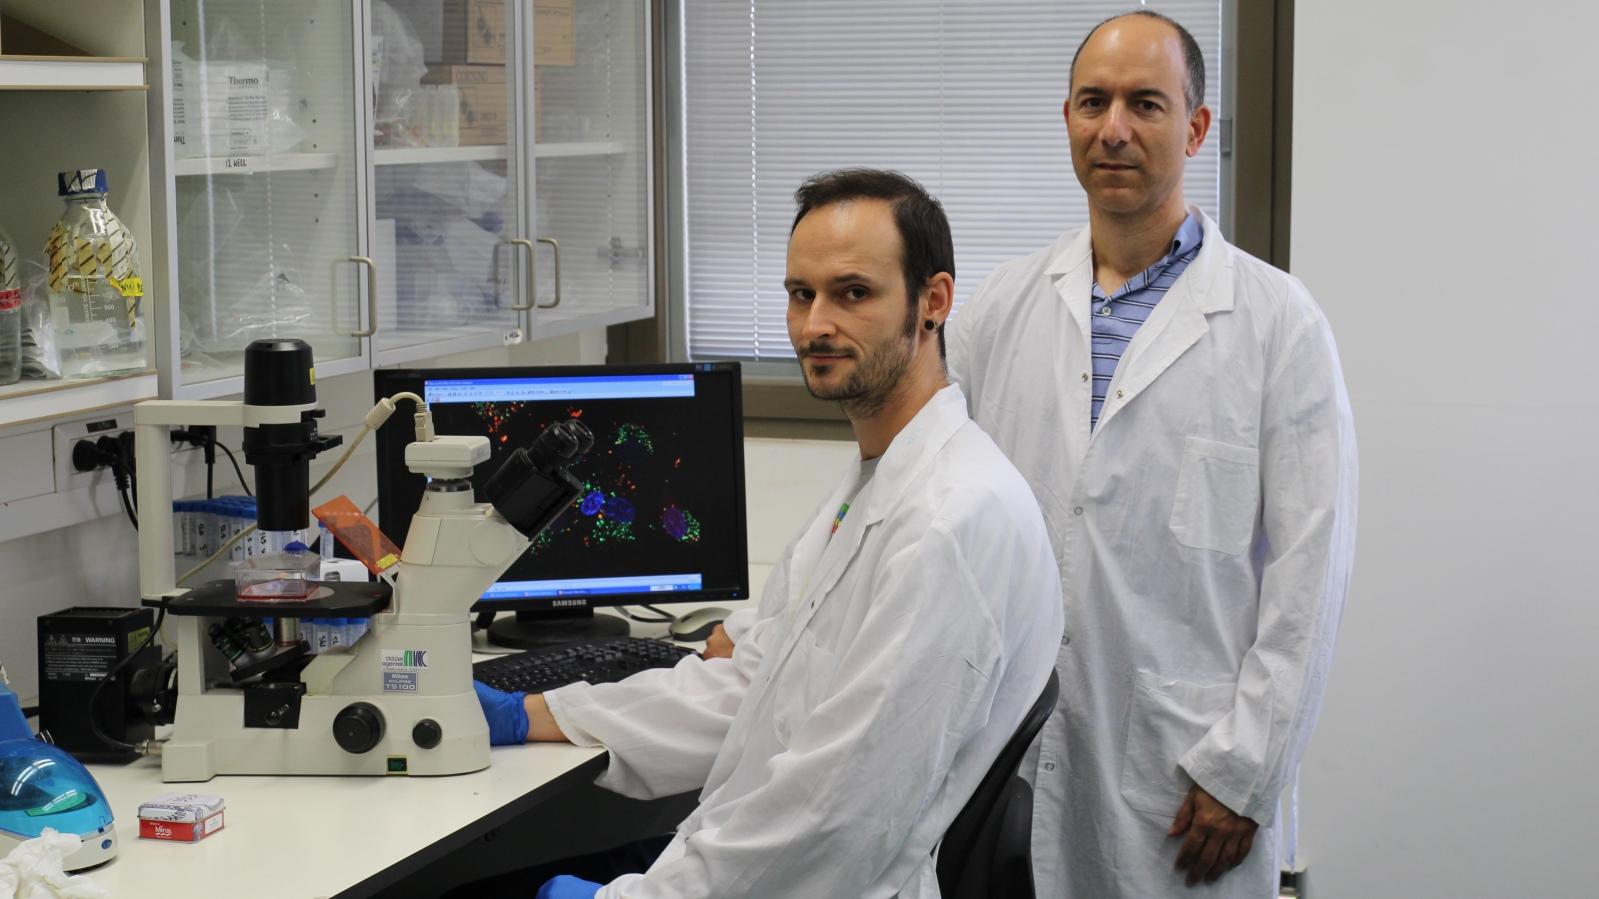 Científicos de Israel descubren un prometedor tratamiento para tumores cerebrales | ISRAEL21c